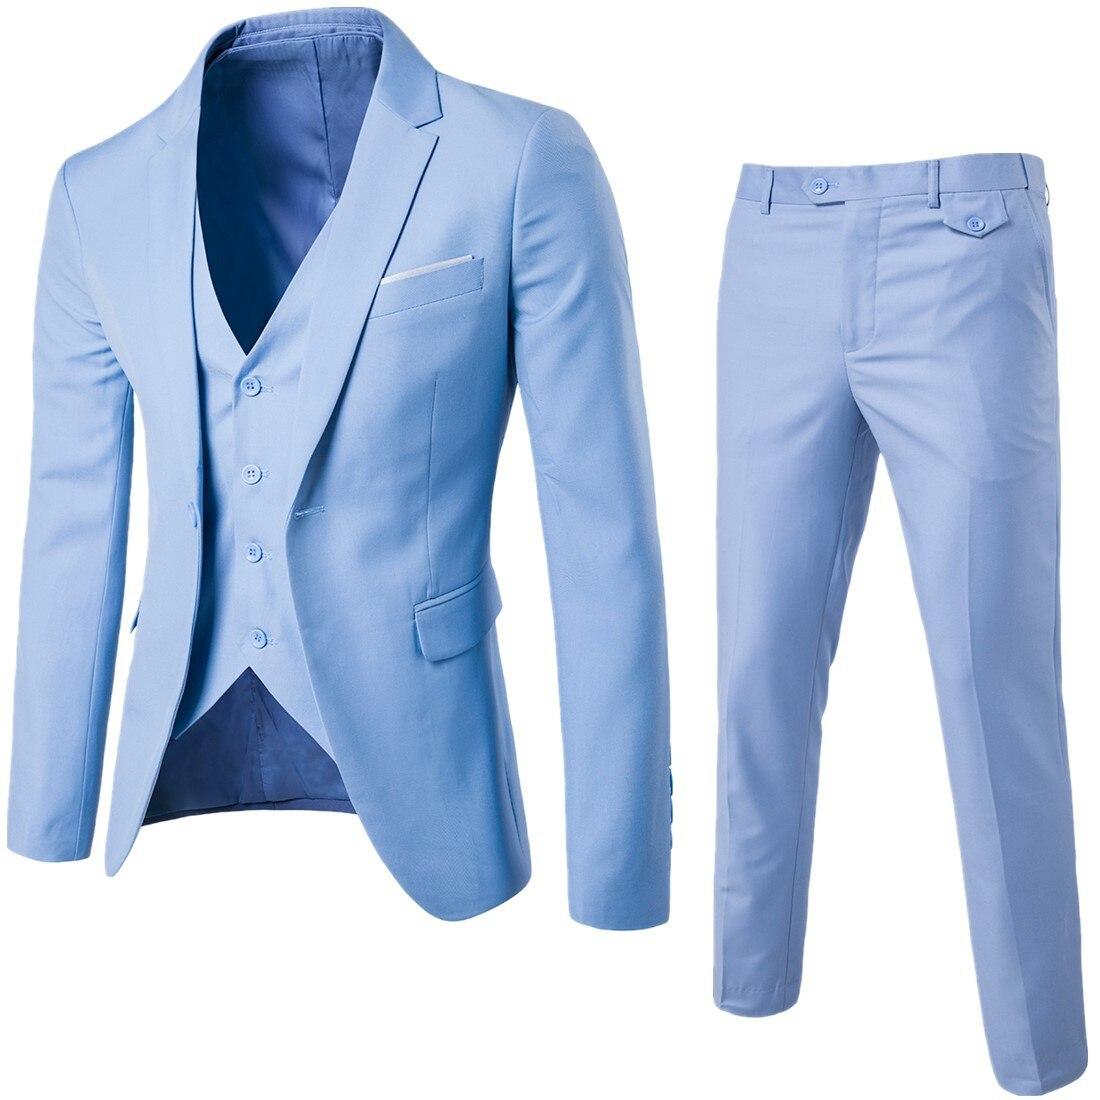 Men Suit New Style Four Seasons Korean-style Youth Business Suit Men's Slim Fit Three-piece Set Suit Men's Best Man Suit